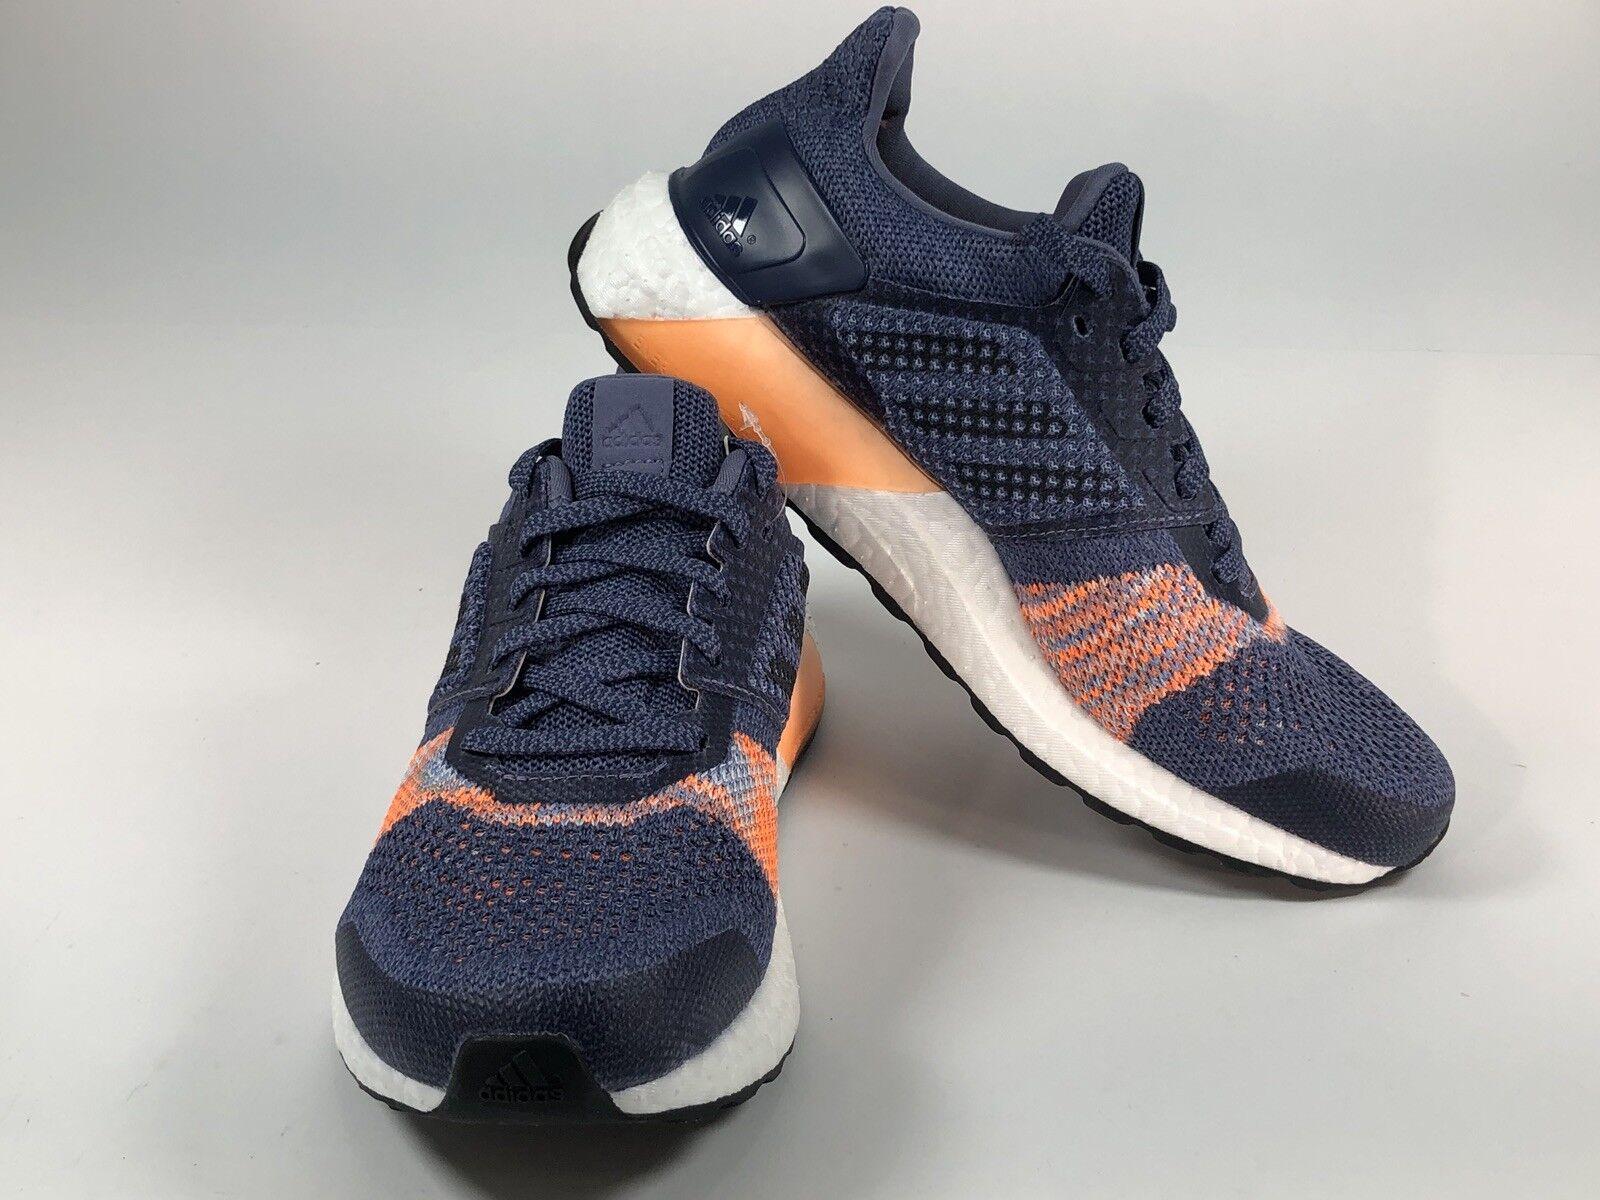 Women's Adidas UltraBOOST Running Shoes CQ2133 Sz 7